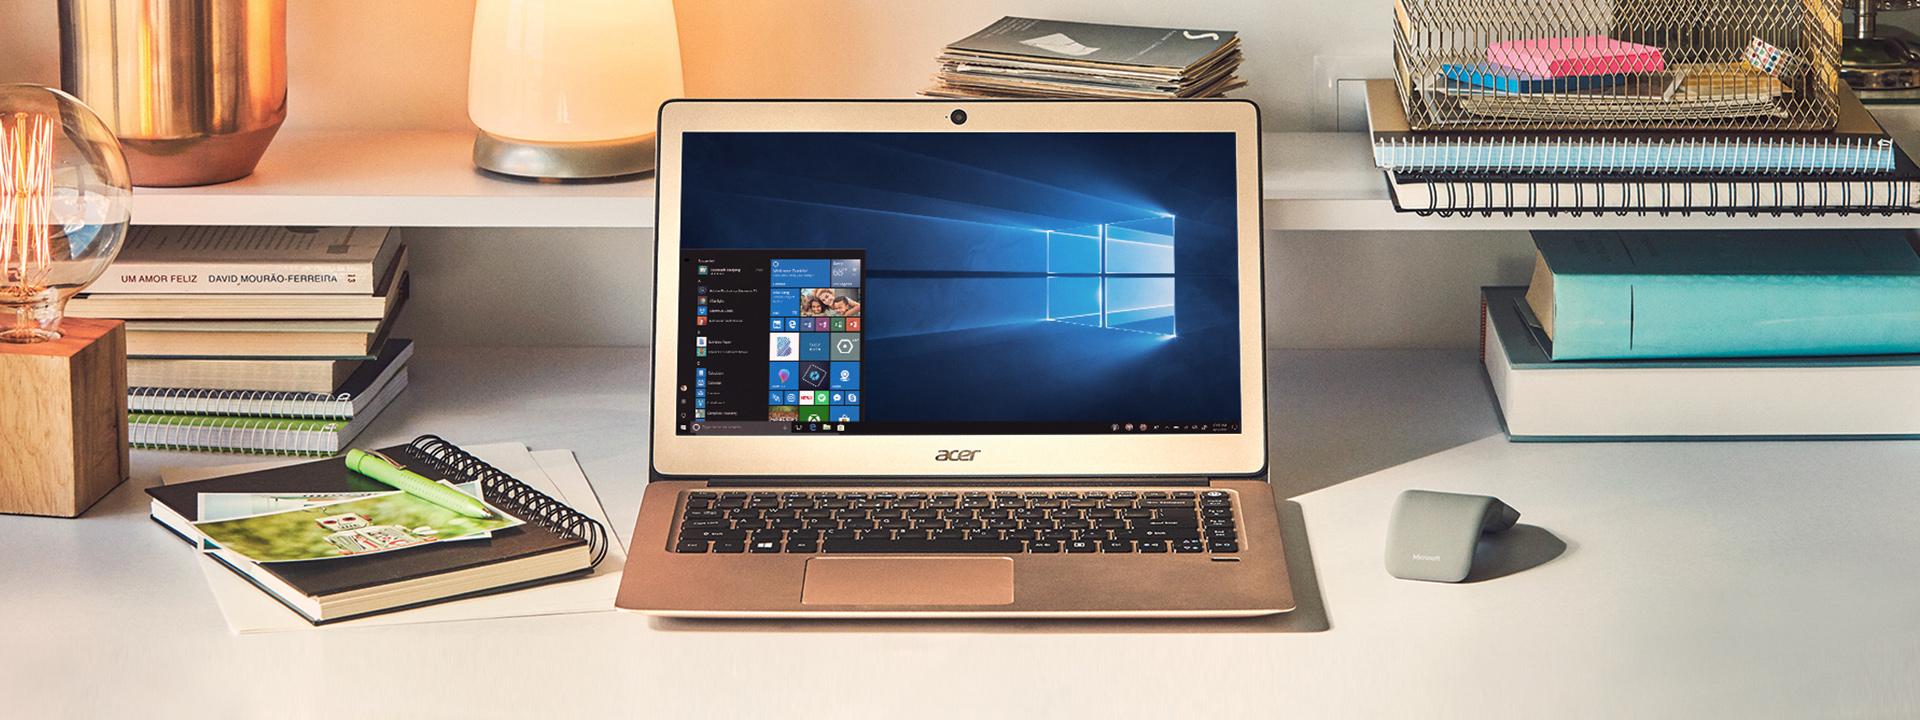 Acer-laptop og mus på et skrivebord omgivet af bøger og notesblokke